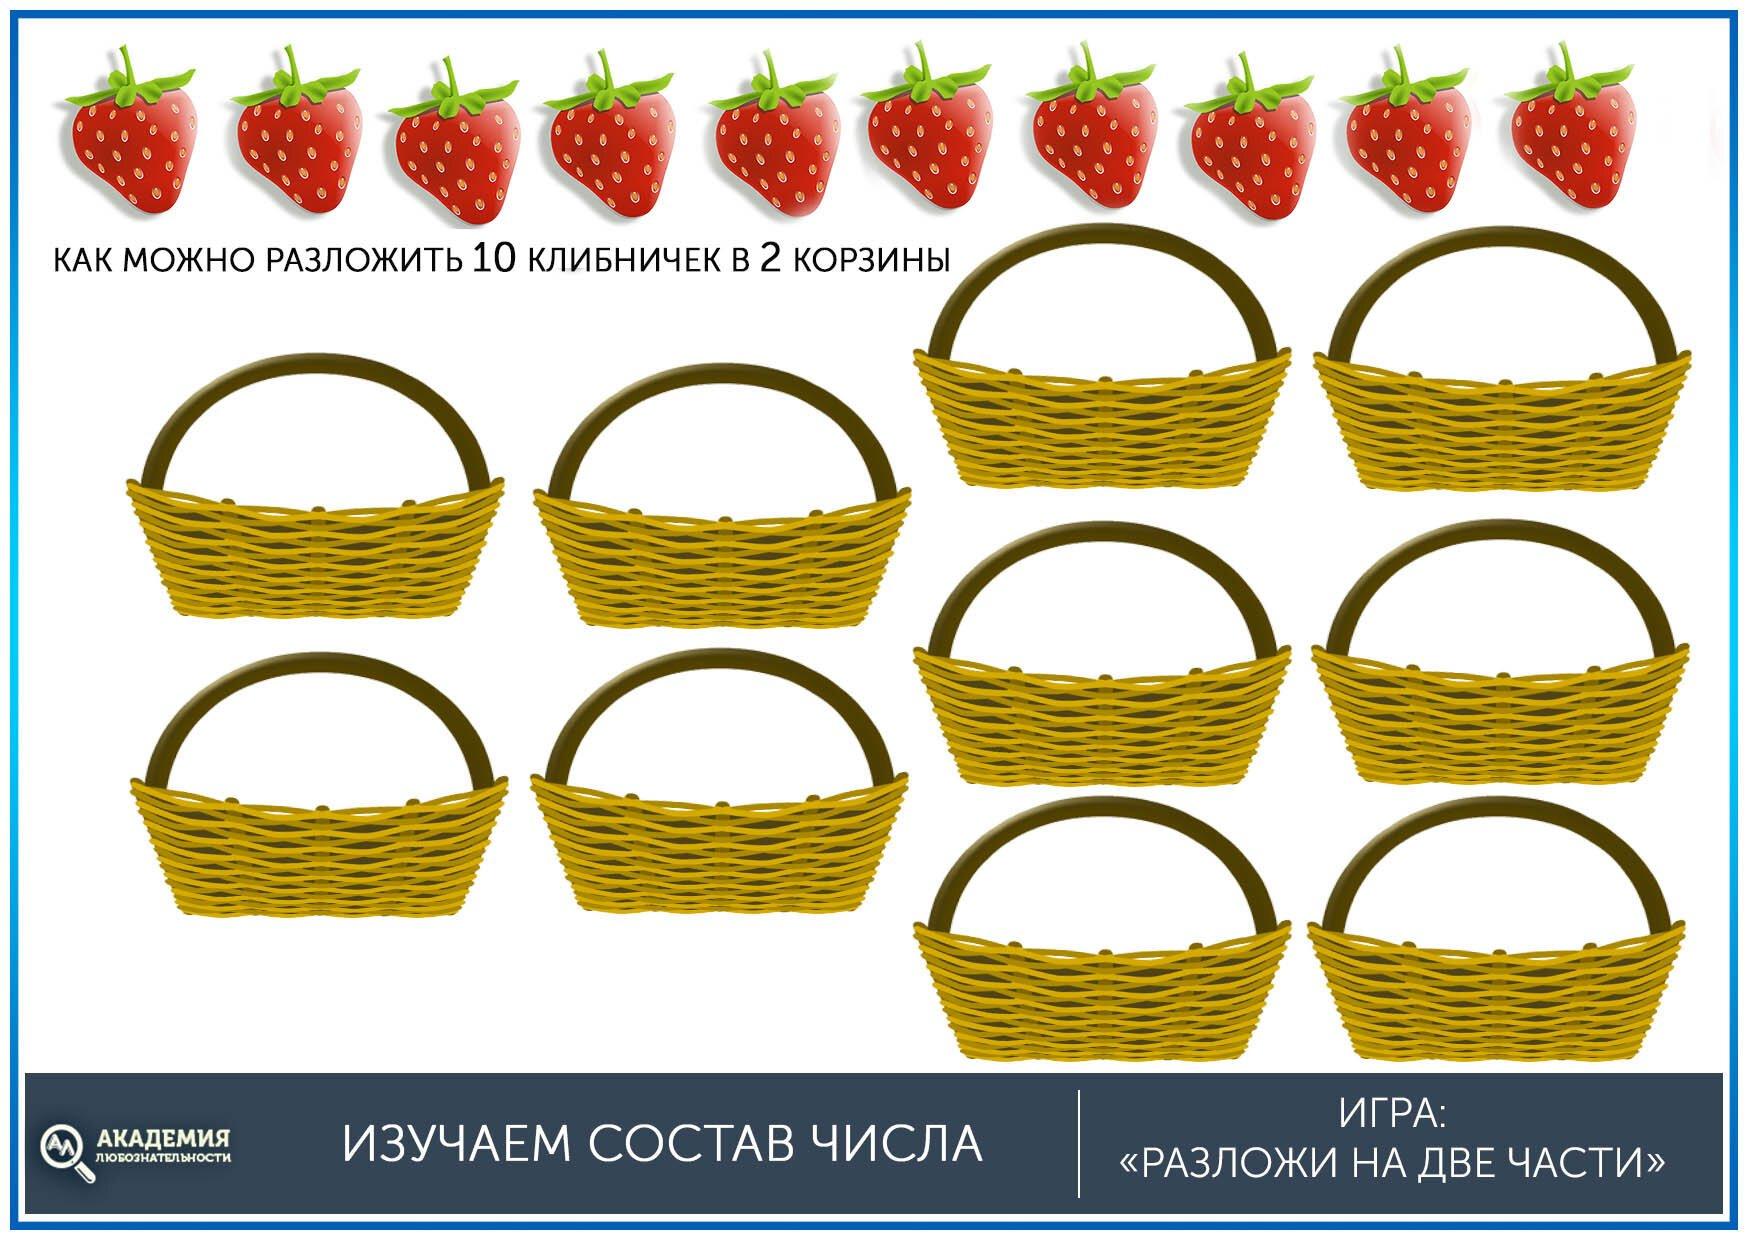 Задание разложи ягоды по корзинам